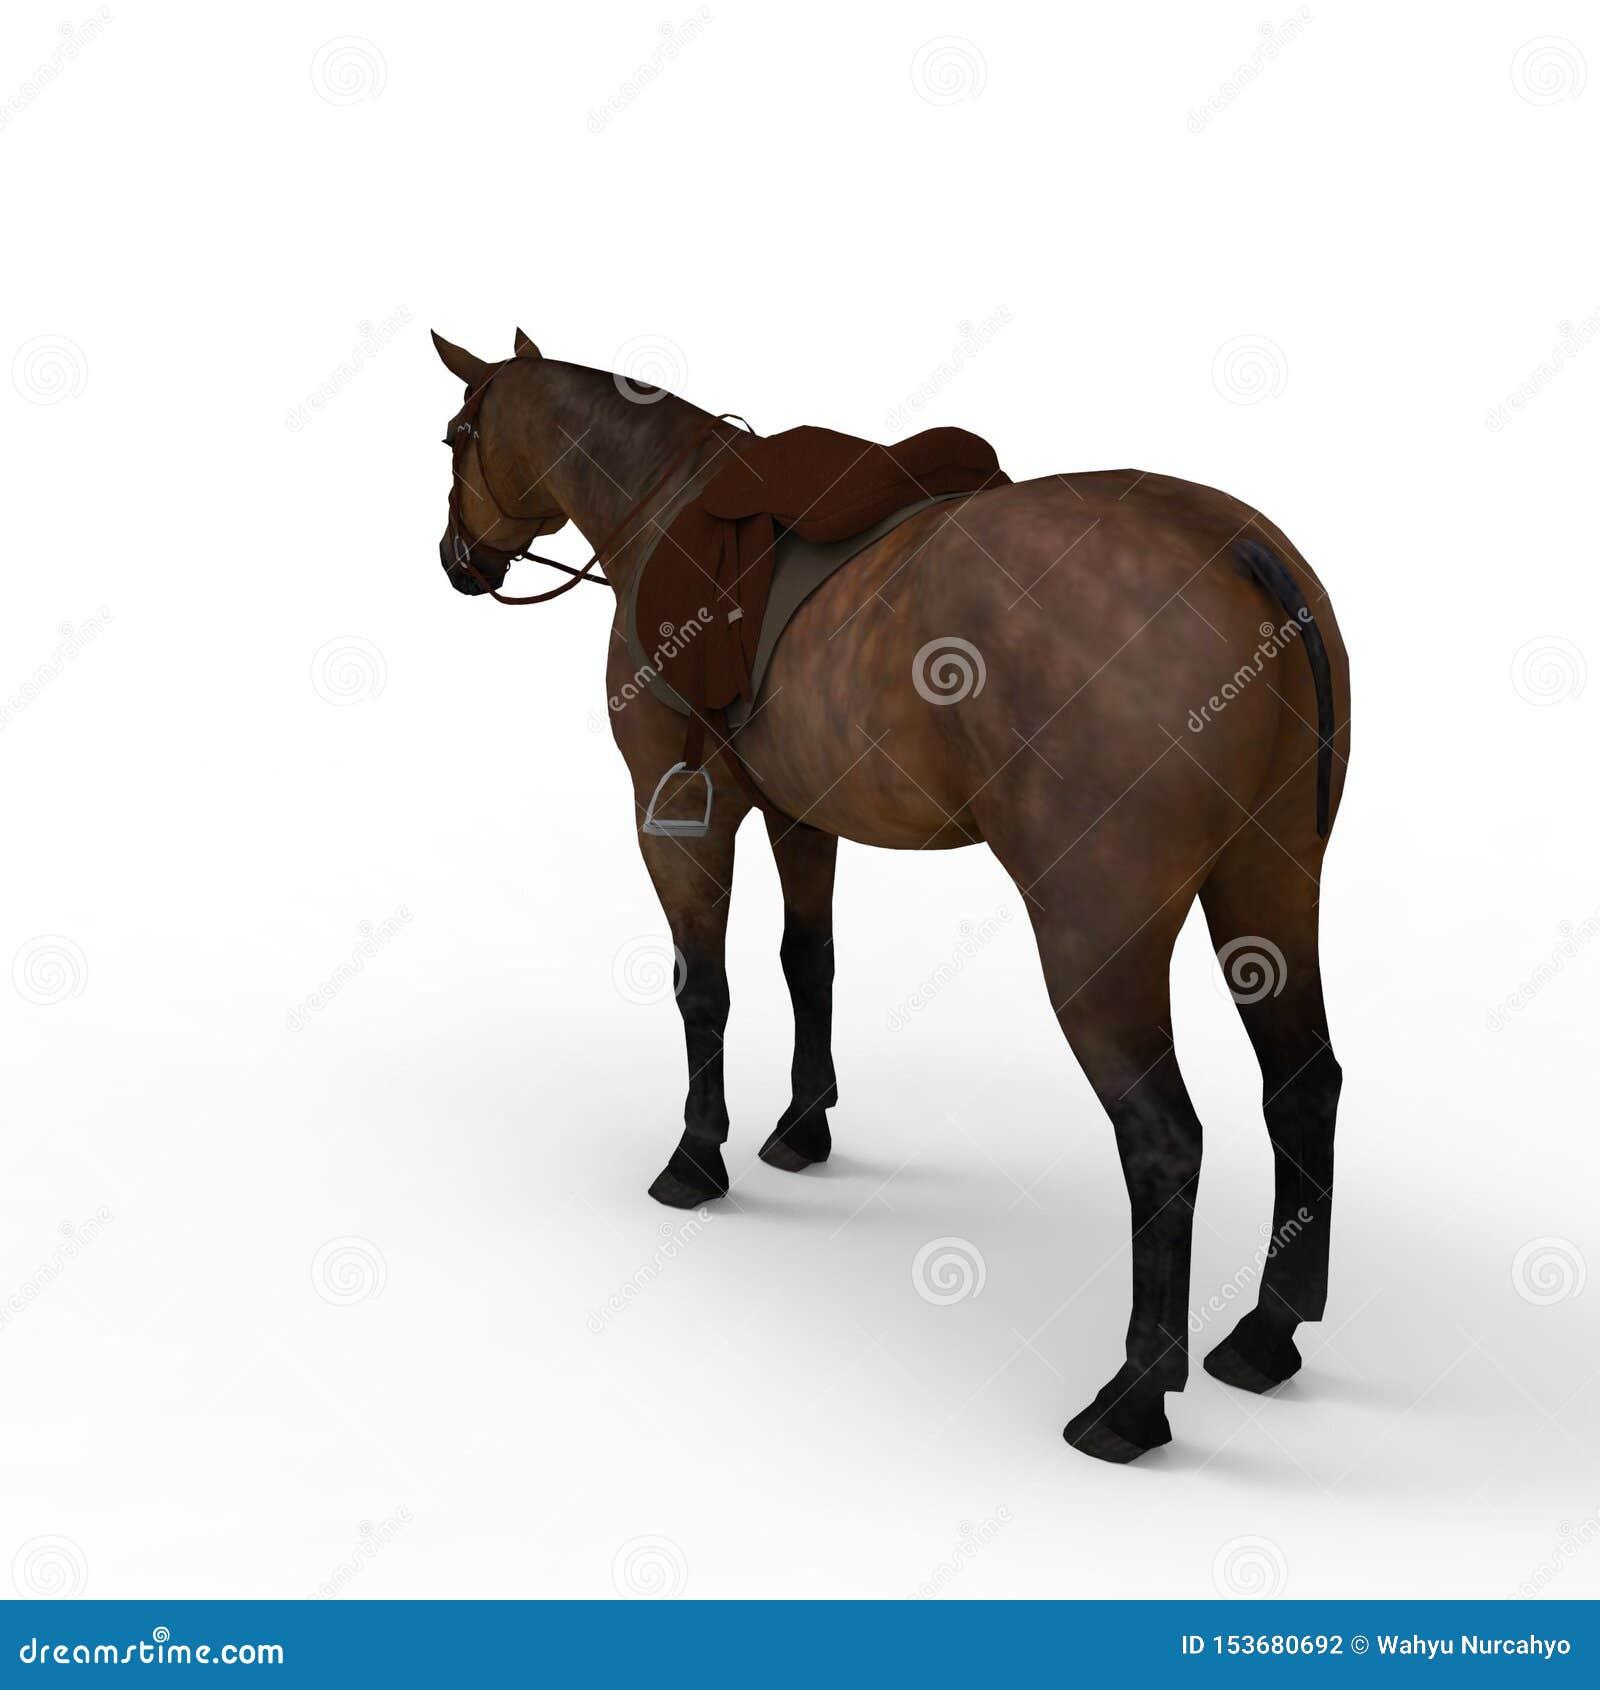 Het 3d teruggeven van paard door een mixerhulpmiddel te gebruiken dat wordt gecreeerd